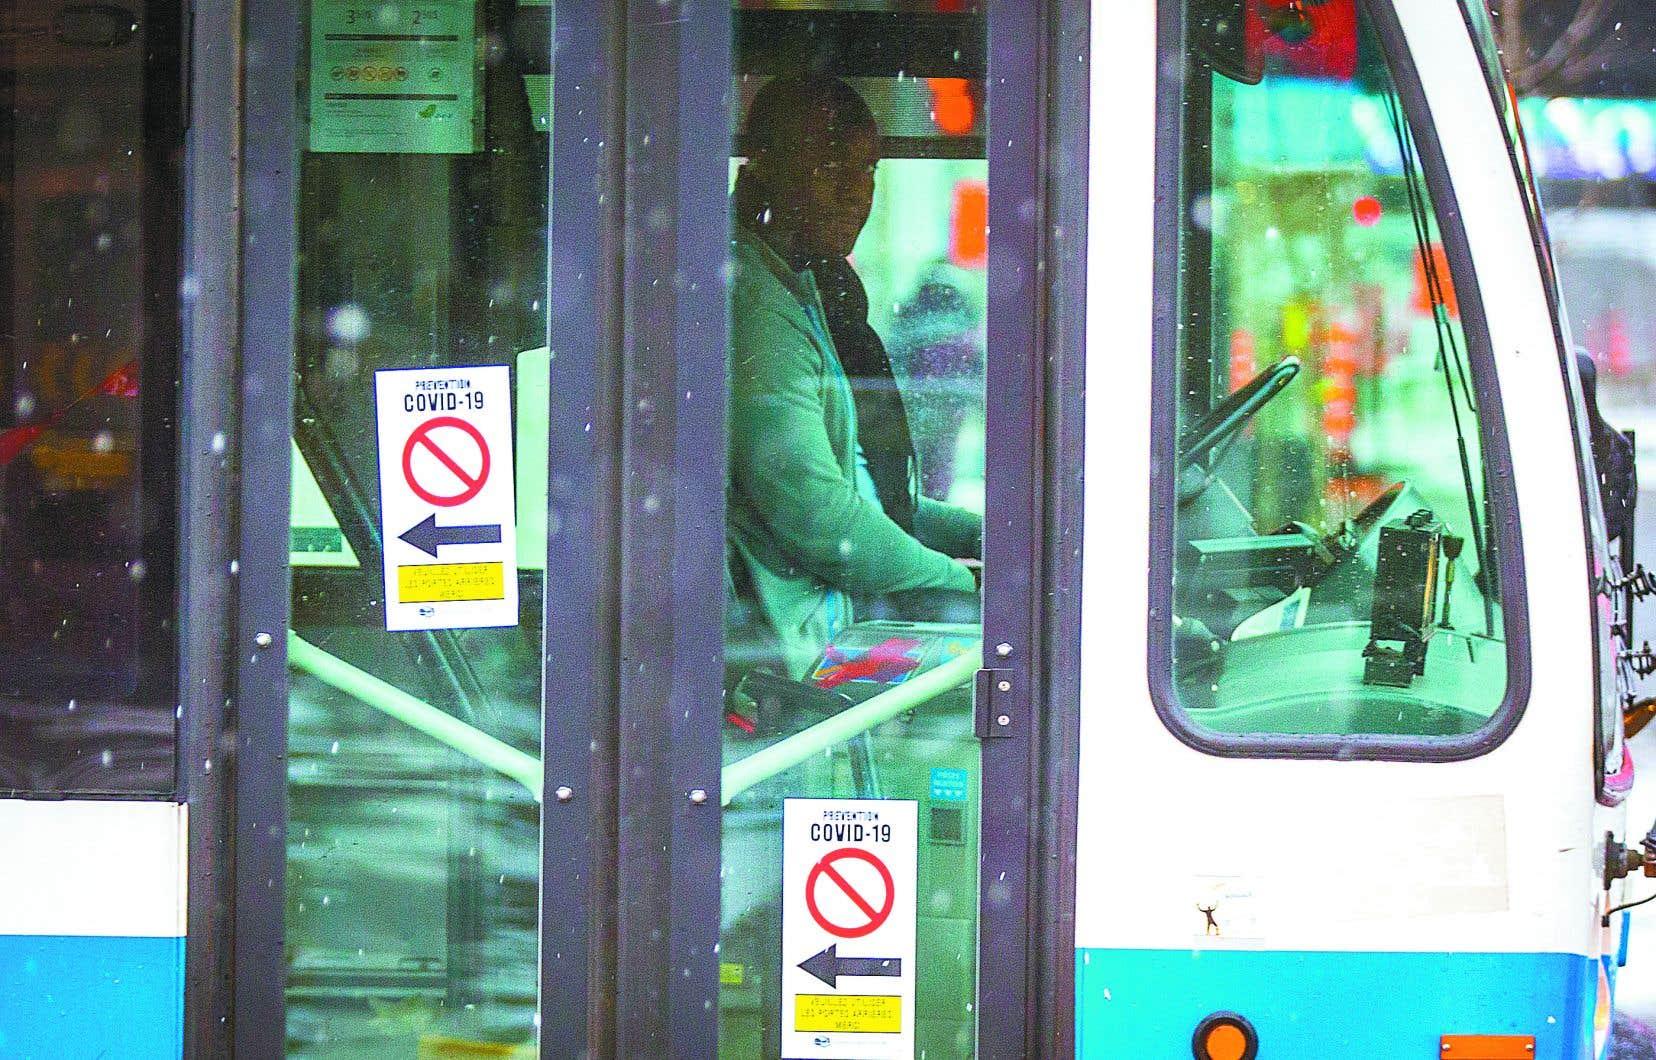 La STM signale que le port du masque demeure optionnel, mais rappelle que les membres du personnel sont invités à donner l'exemple lorsqu'ils se déplacent en autobus et en métro.